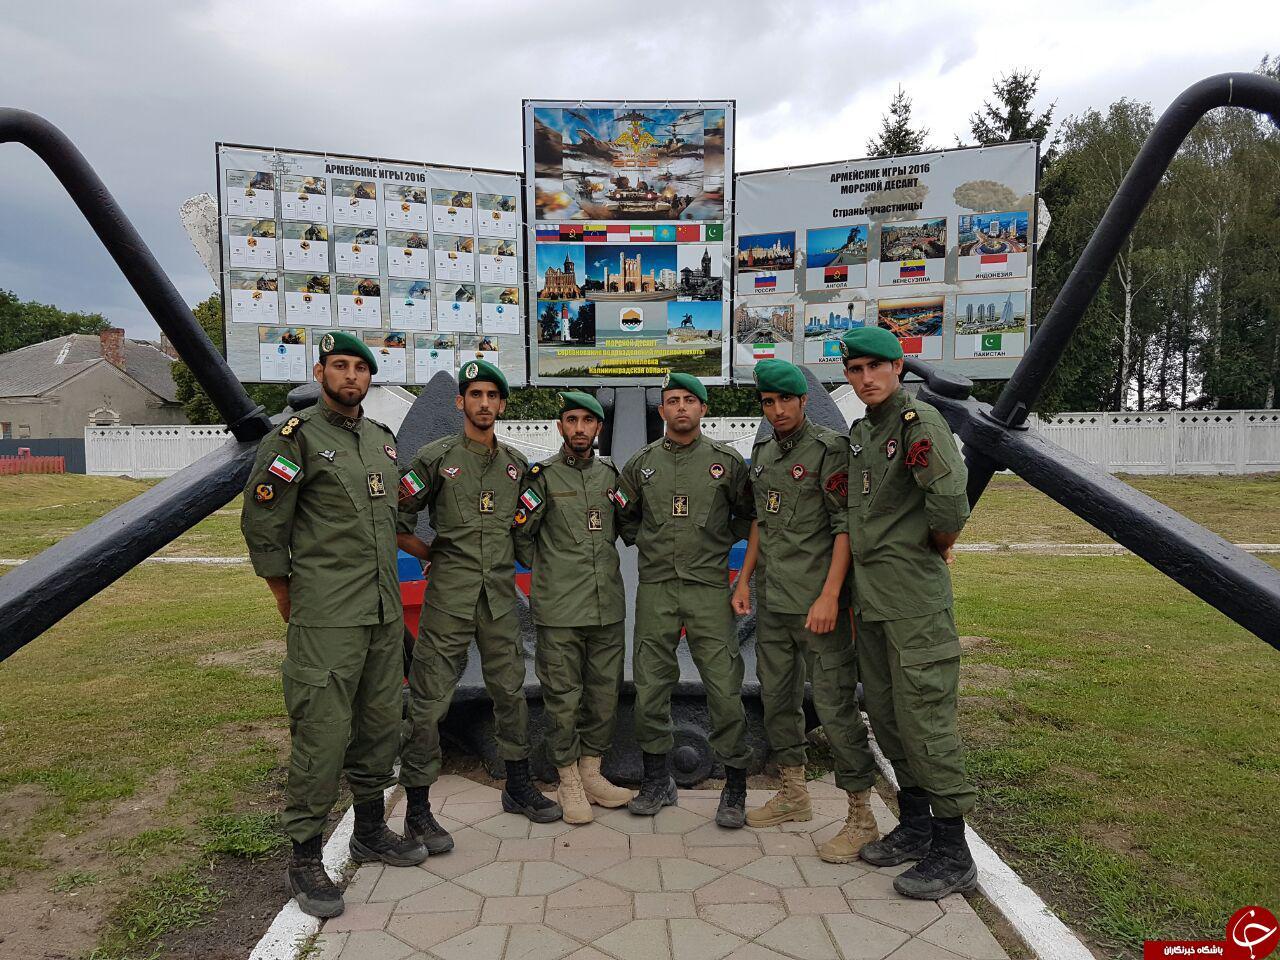 تصاویری از حضور تکاوران سپاه در روسیه